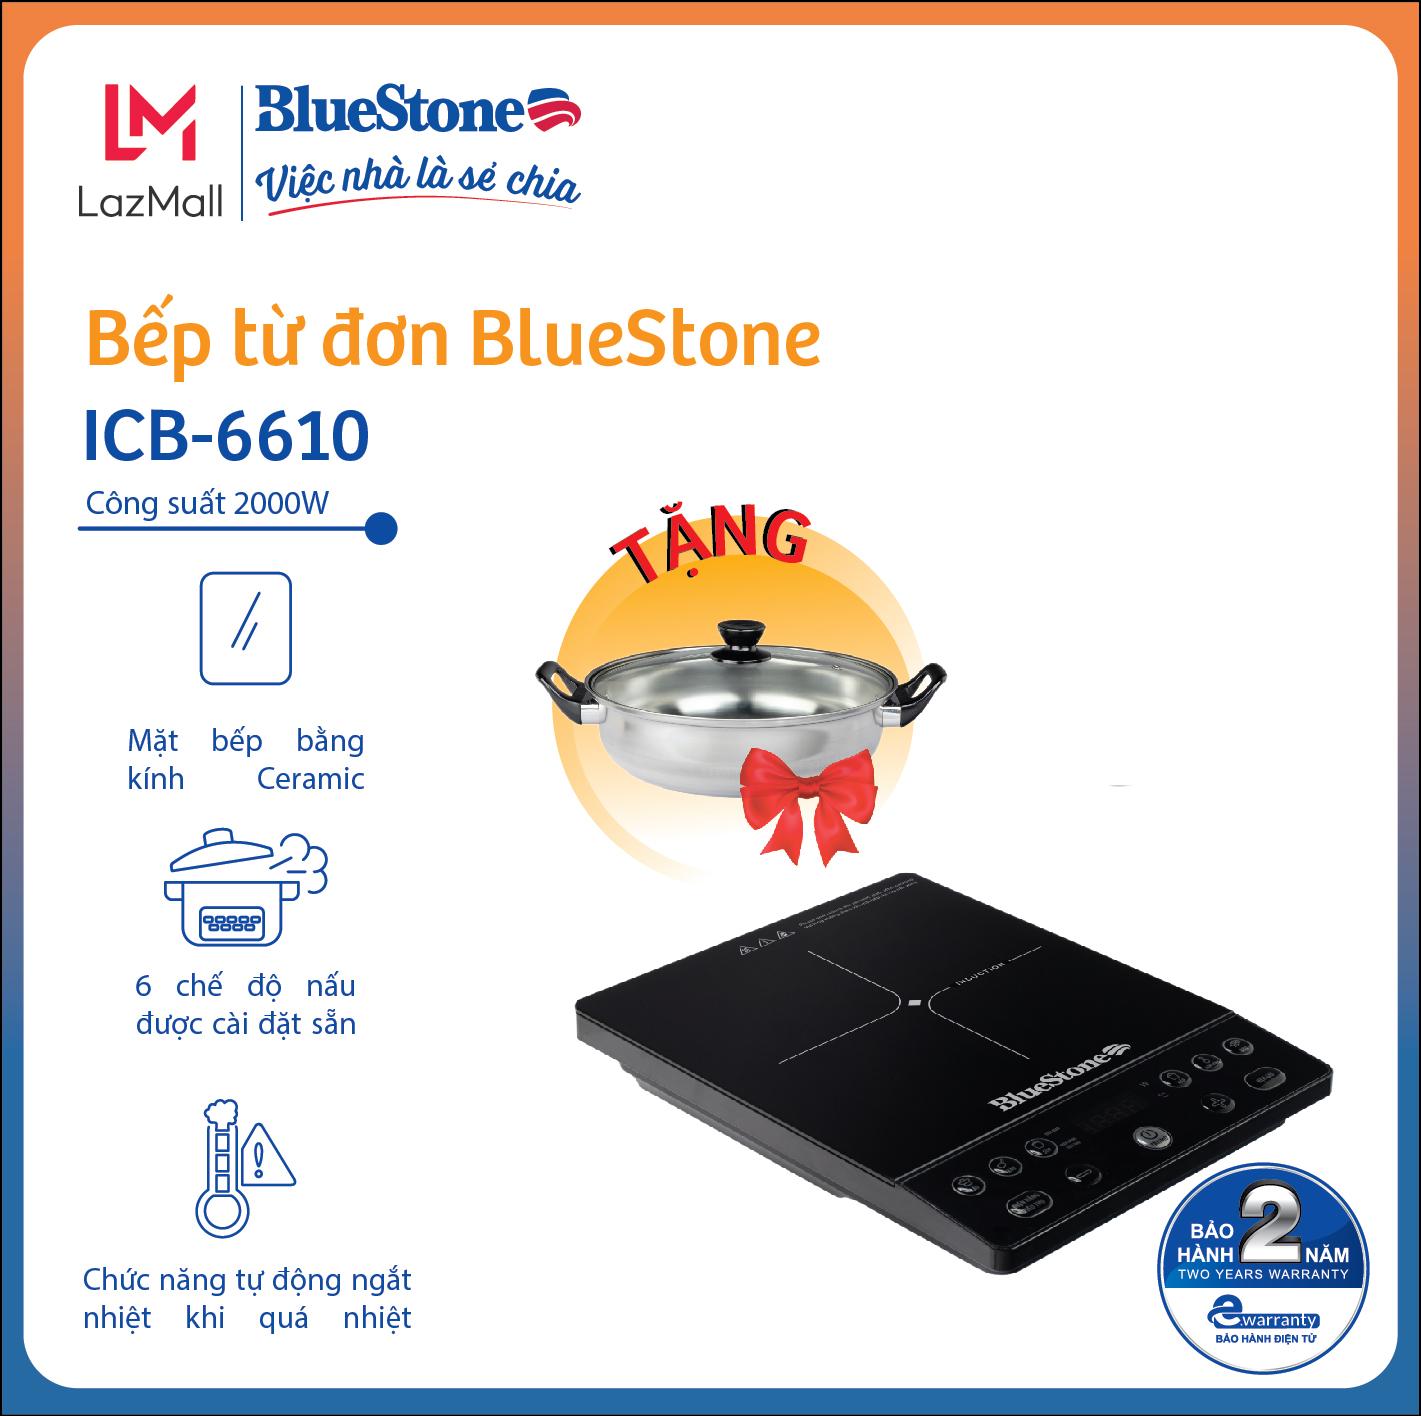 Bếp từ đơn BlueStone ICB-6610 - Công suất 2000W - Tặng kèm nồi - 6 chức năng nấu -Bảo hành 24 tháng - Hàng Chính hãng